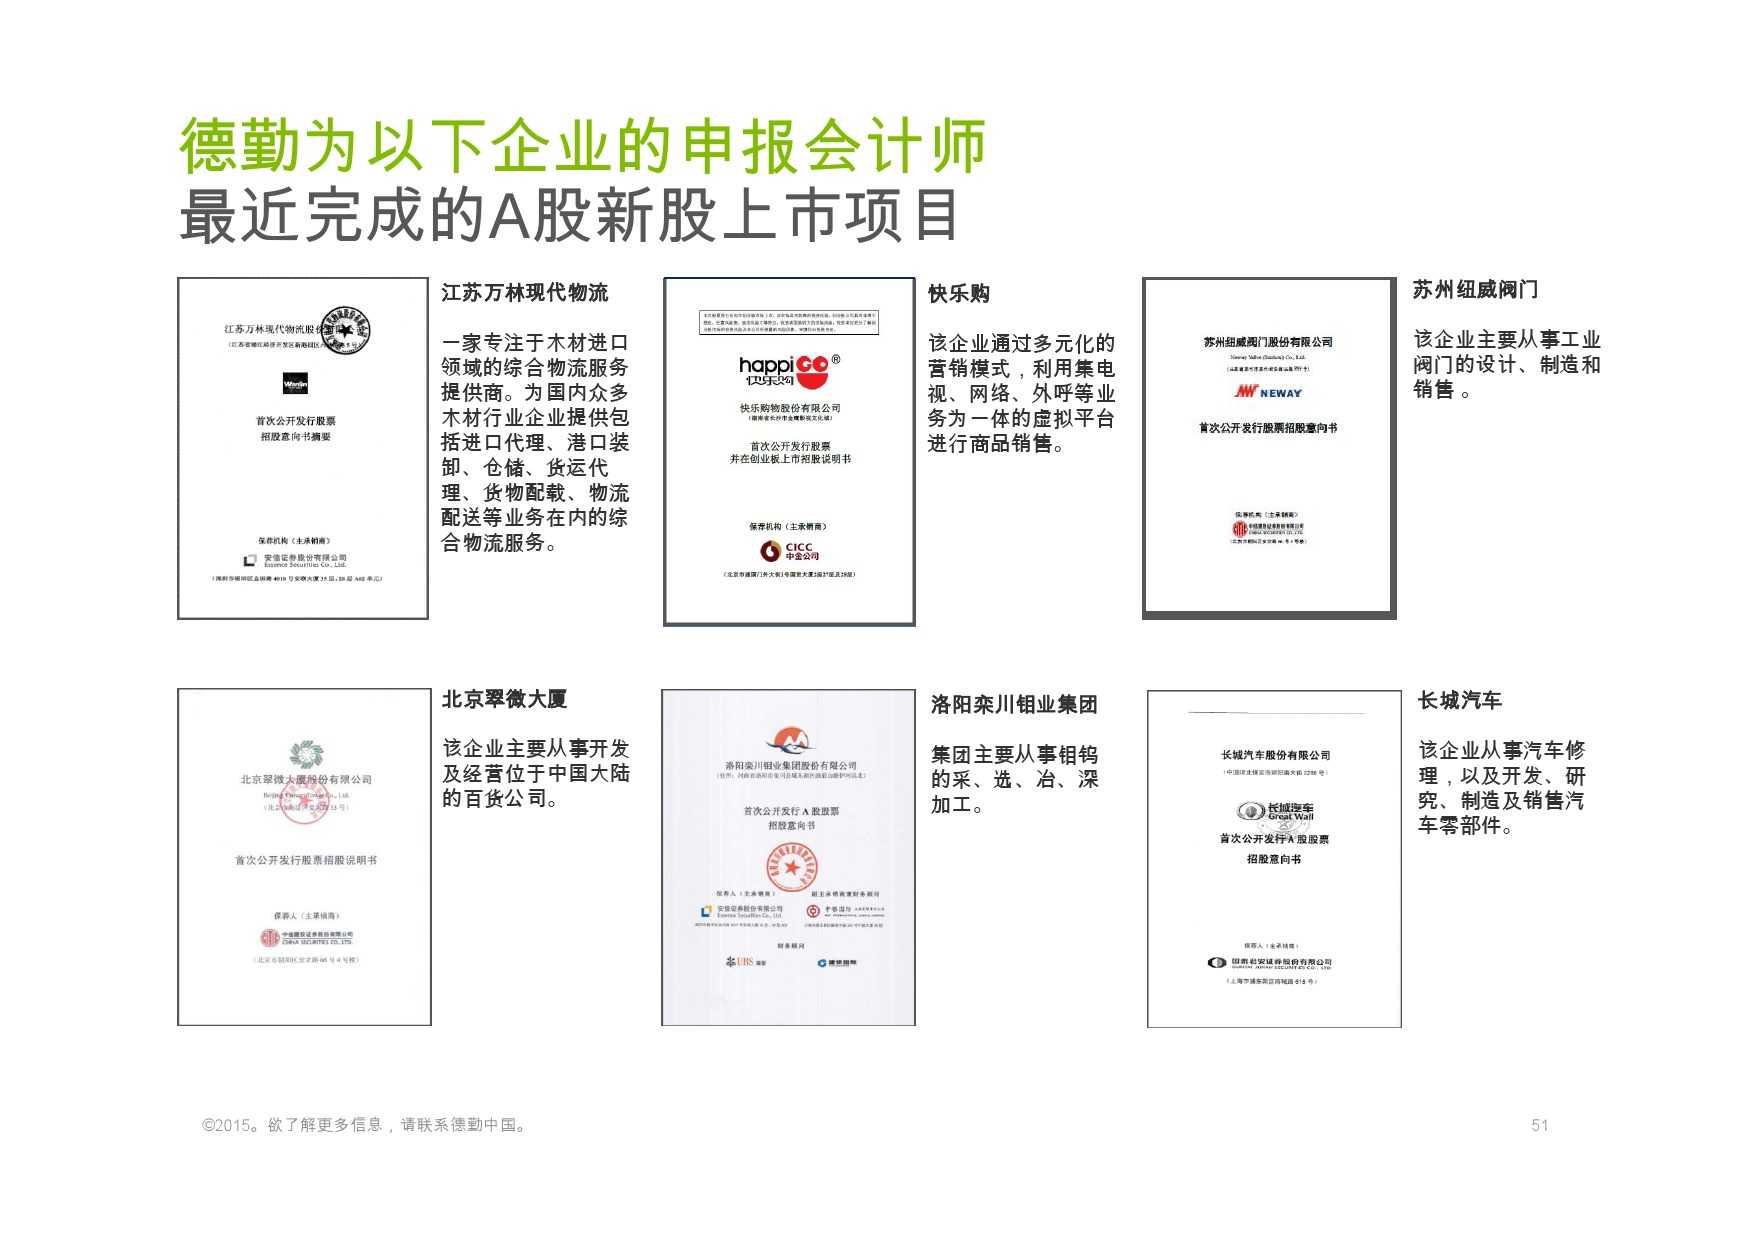 德勤:香港及中国大陆IPO巿场2015年回顾与2016年展望_000051